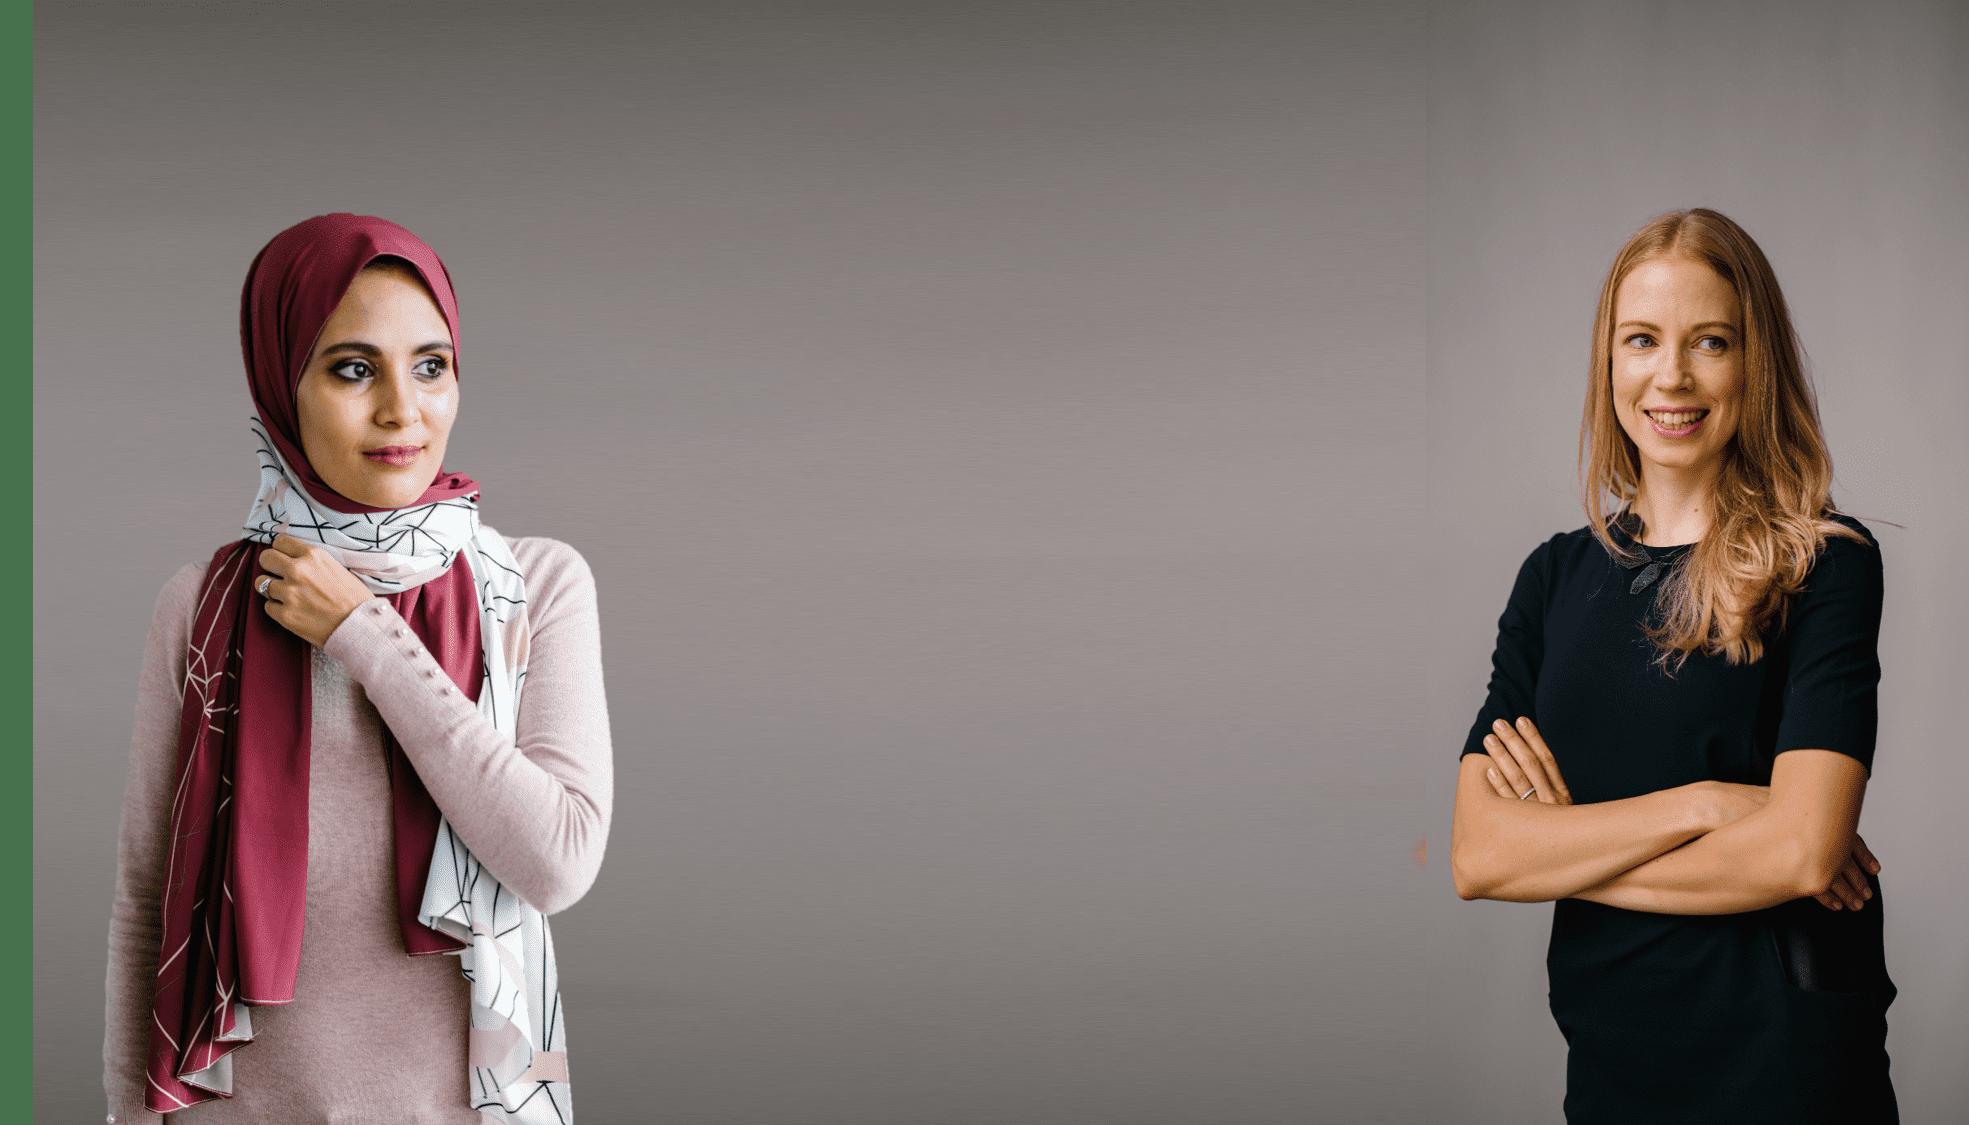 עברית וערבית שפות אחיות בדימוי של בני אדם